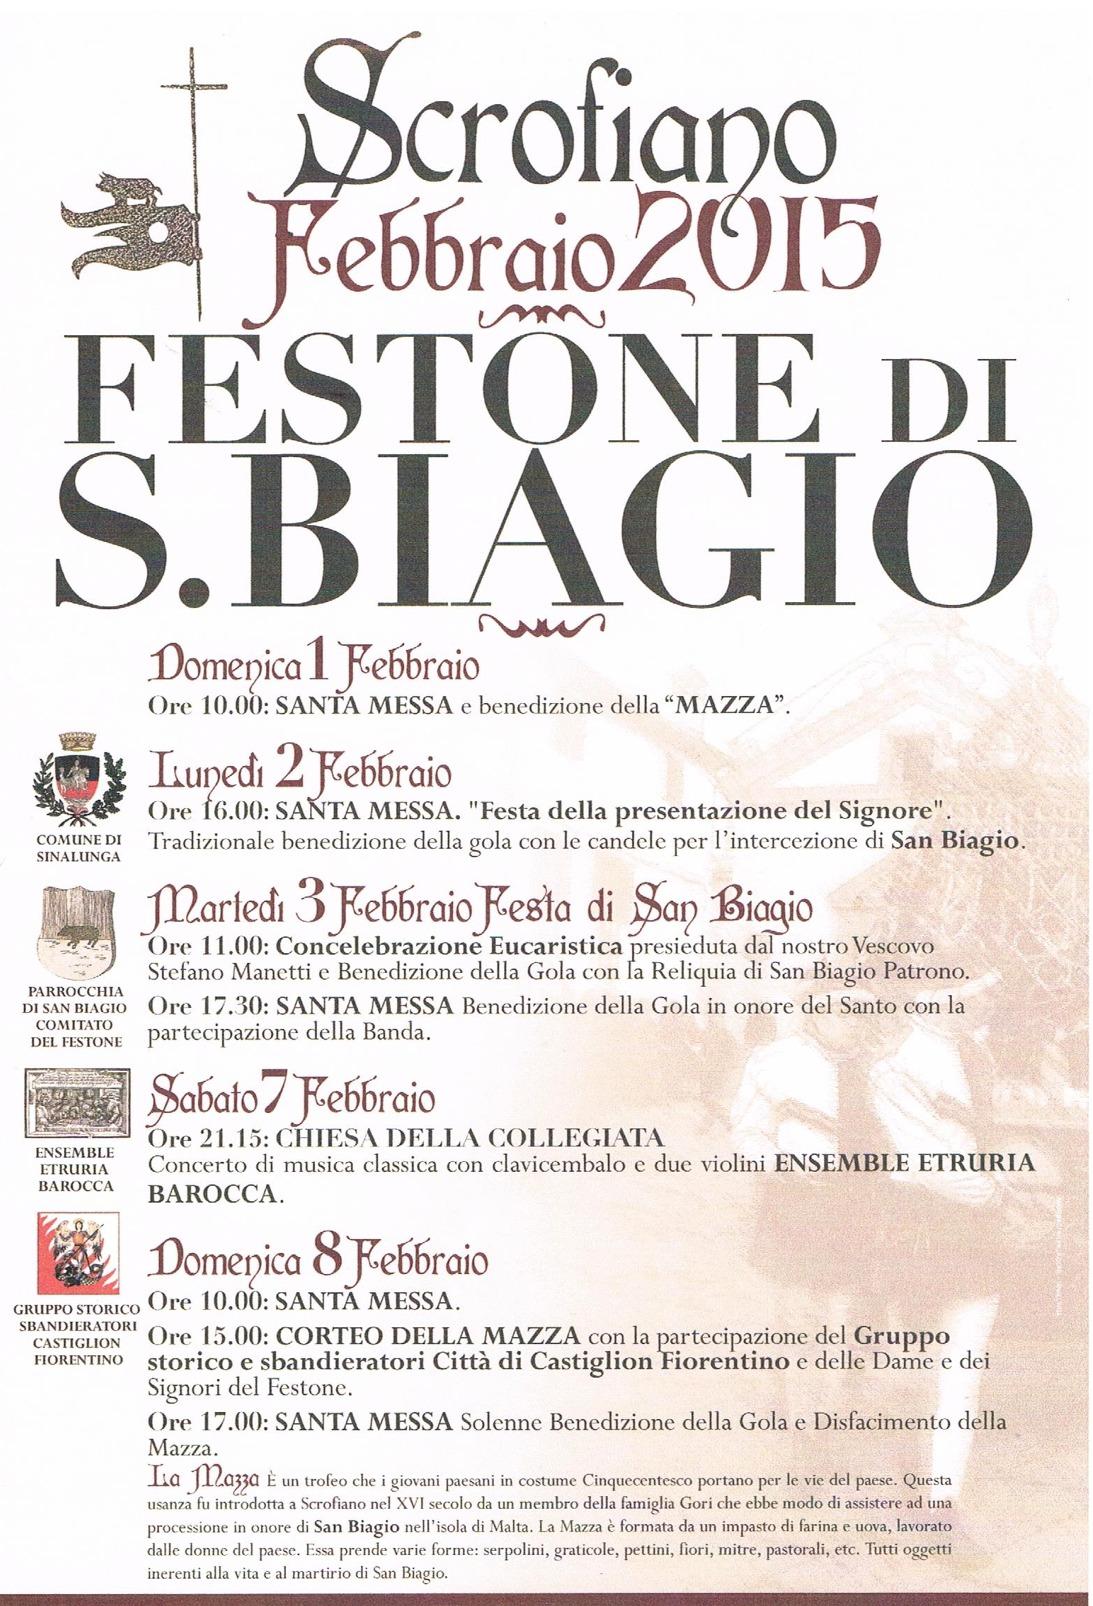 Programma del Festone di San Biagio 2015